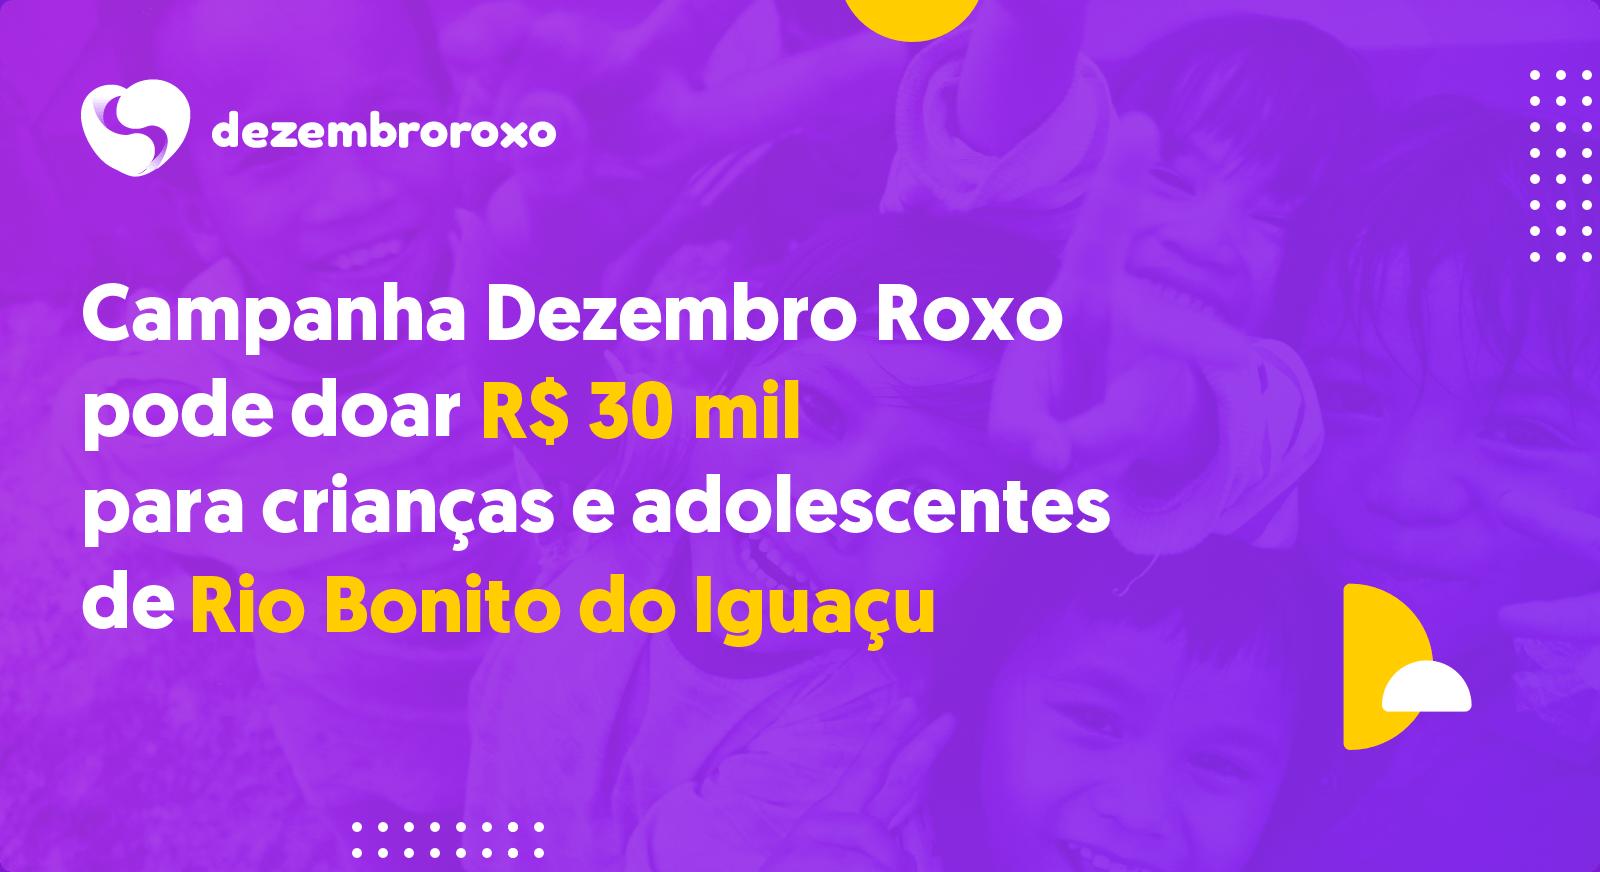 Doações em Rio Bonito do Iguaçu - PR